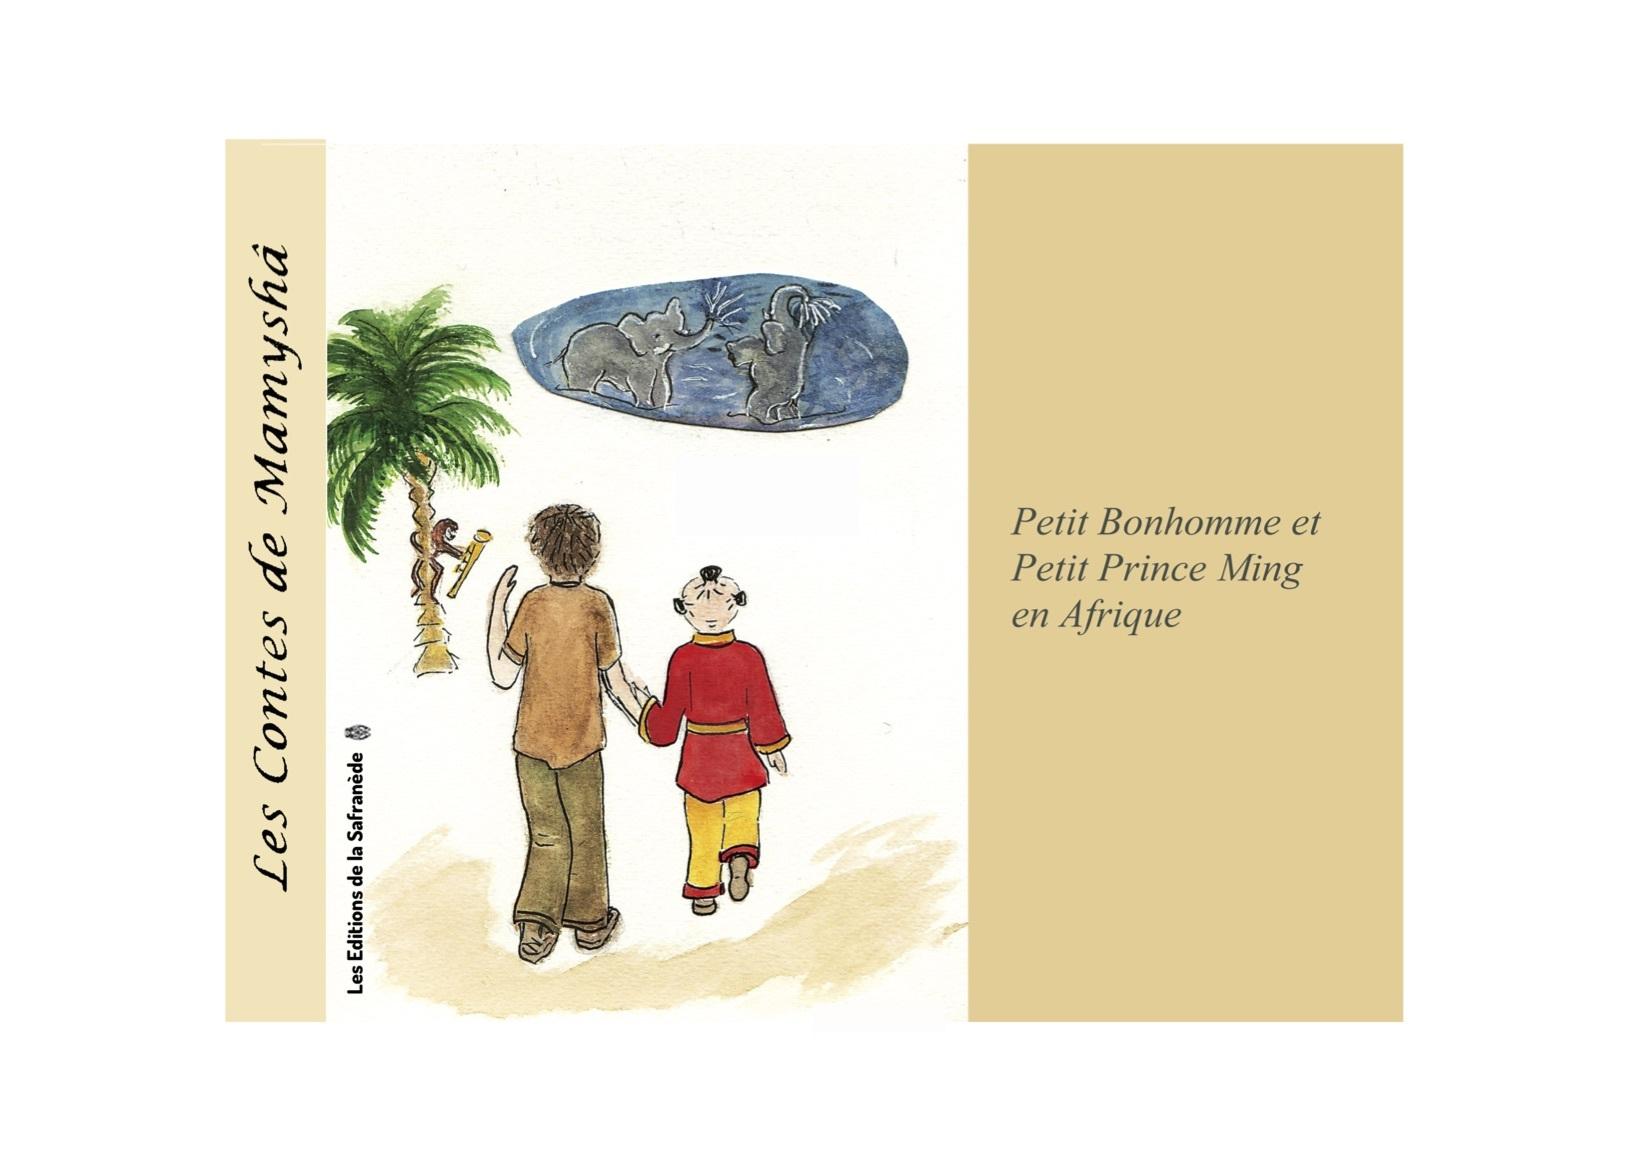 LES CONTES DE MAMYSHA N 8 PETIT BONHOMME ET PETIT PRINCE MING EN AFRIQUE